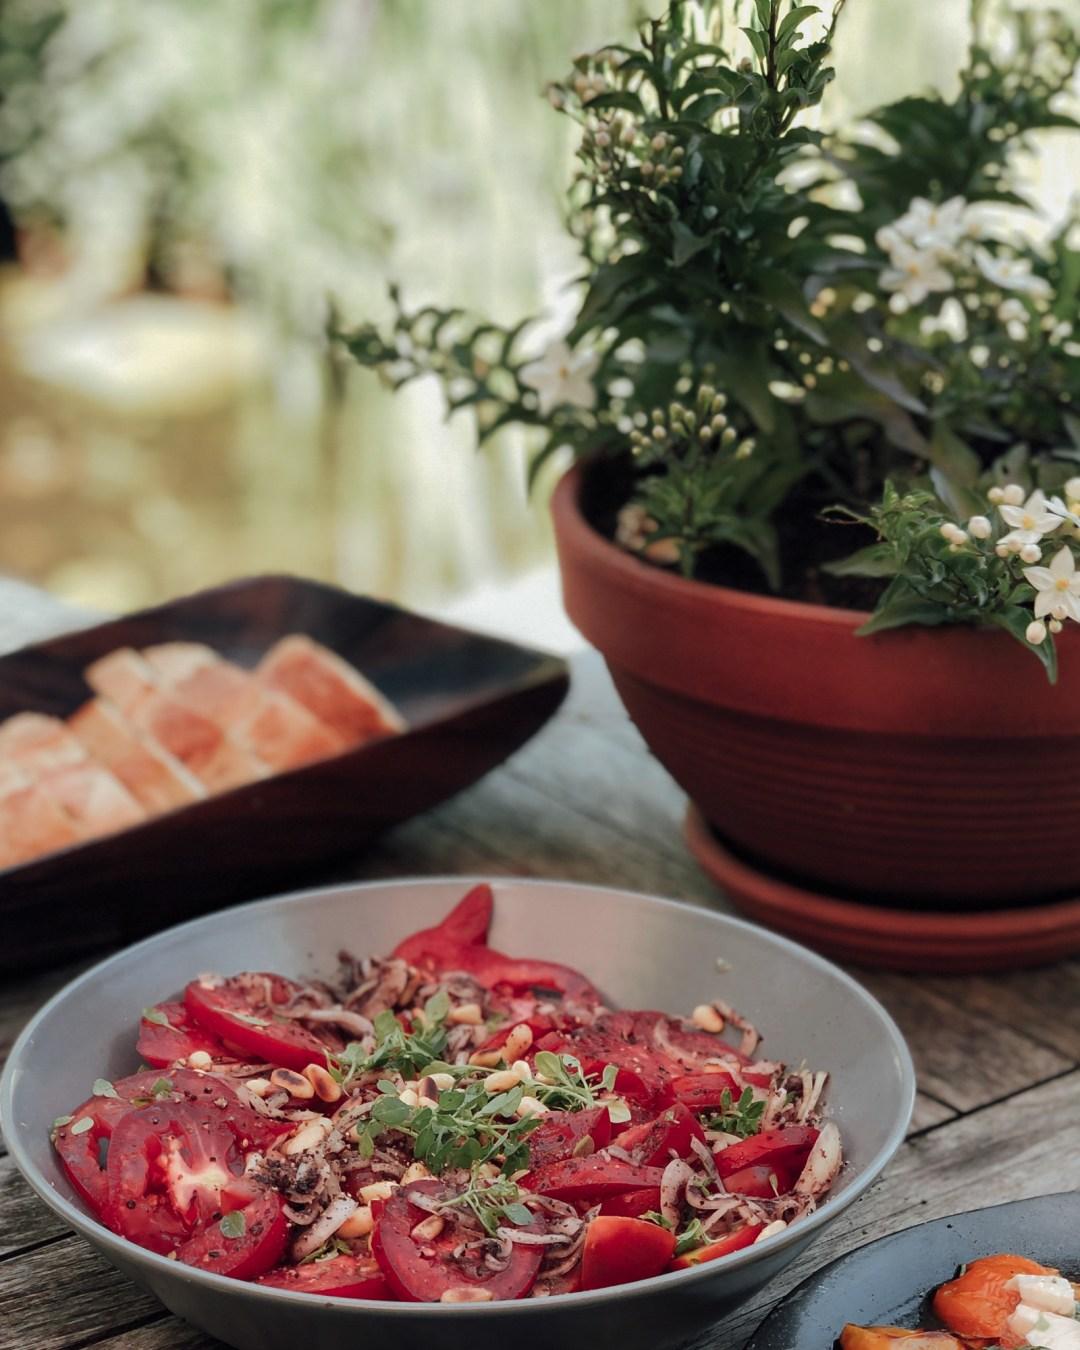 inastil, Tomaten, Tomatoes, Tomatensalat, Vorspeise, Antipasti, Tomatenernte, Sumach-9